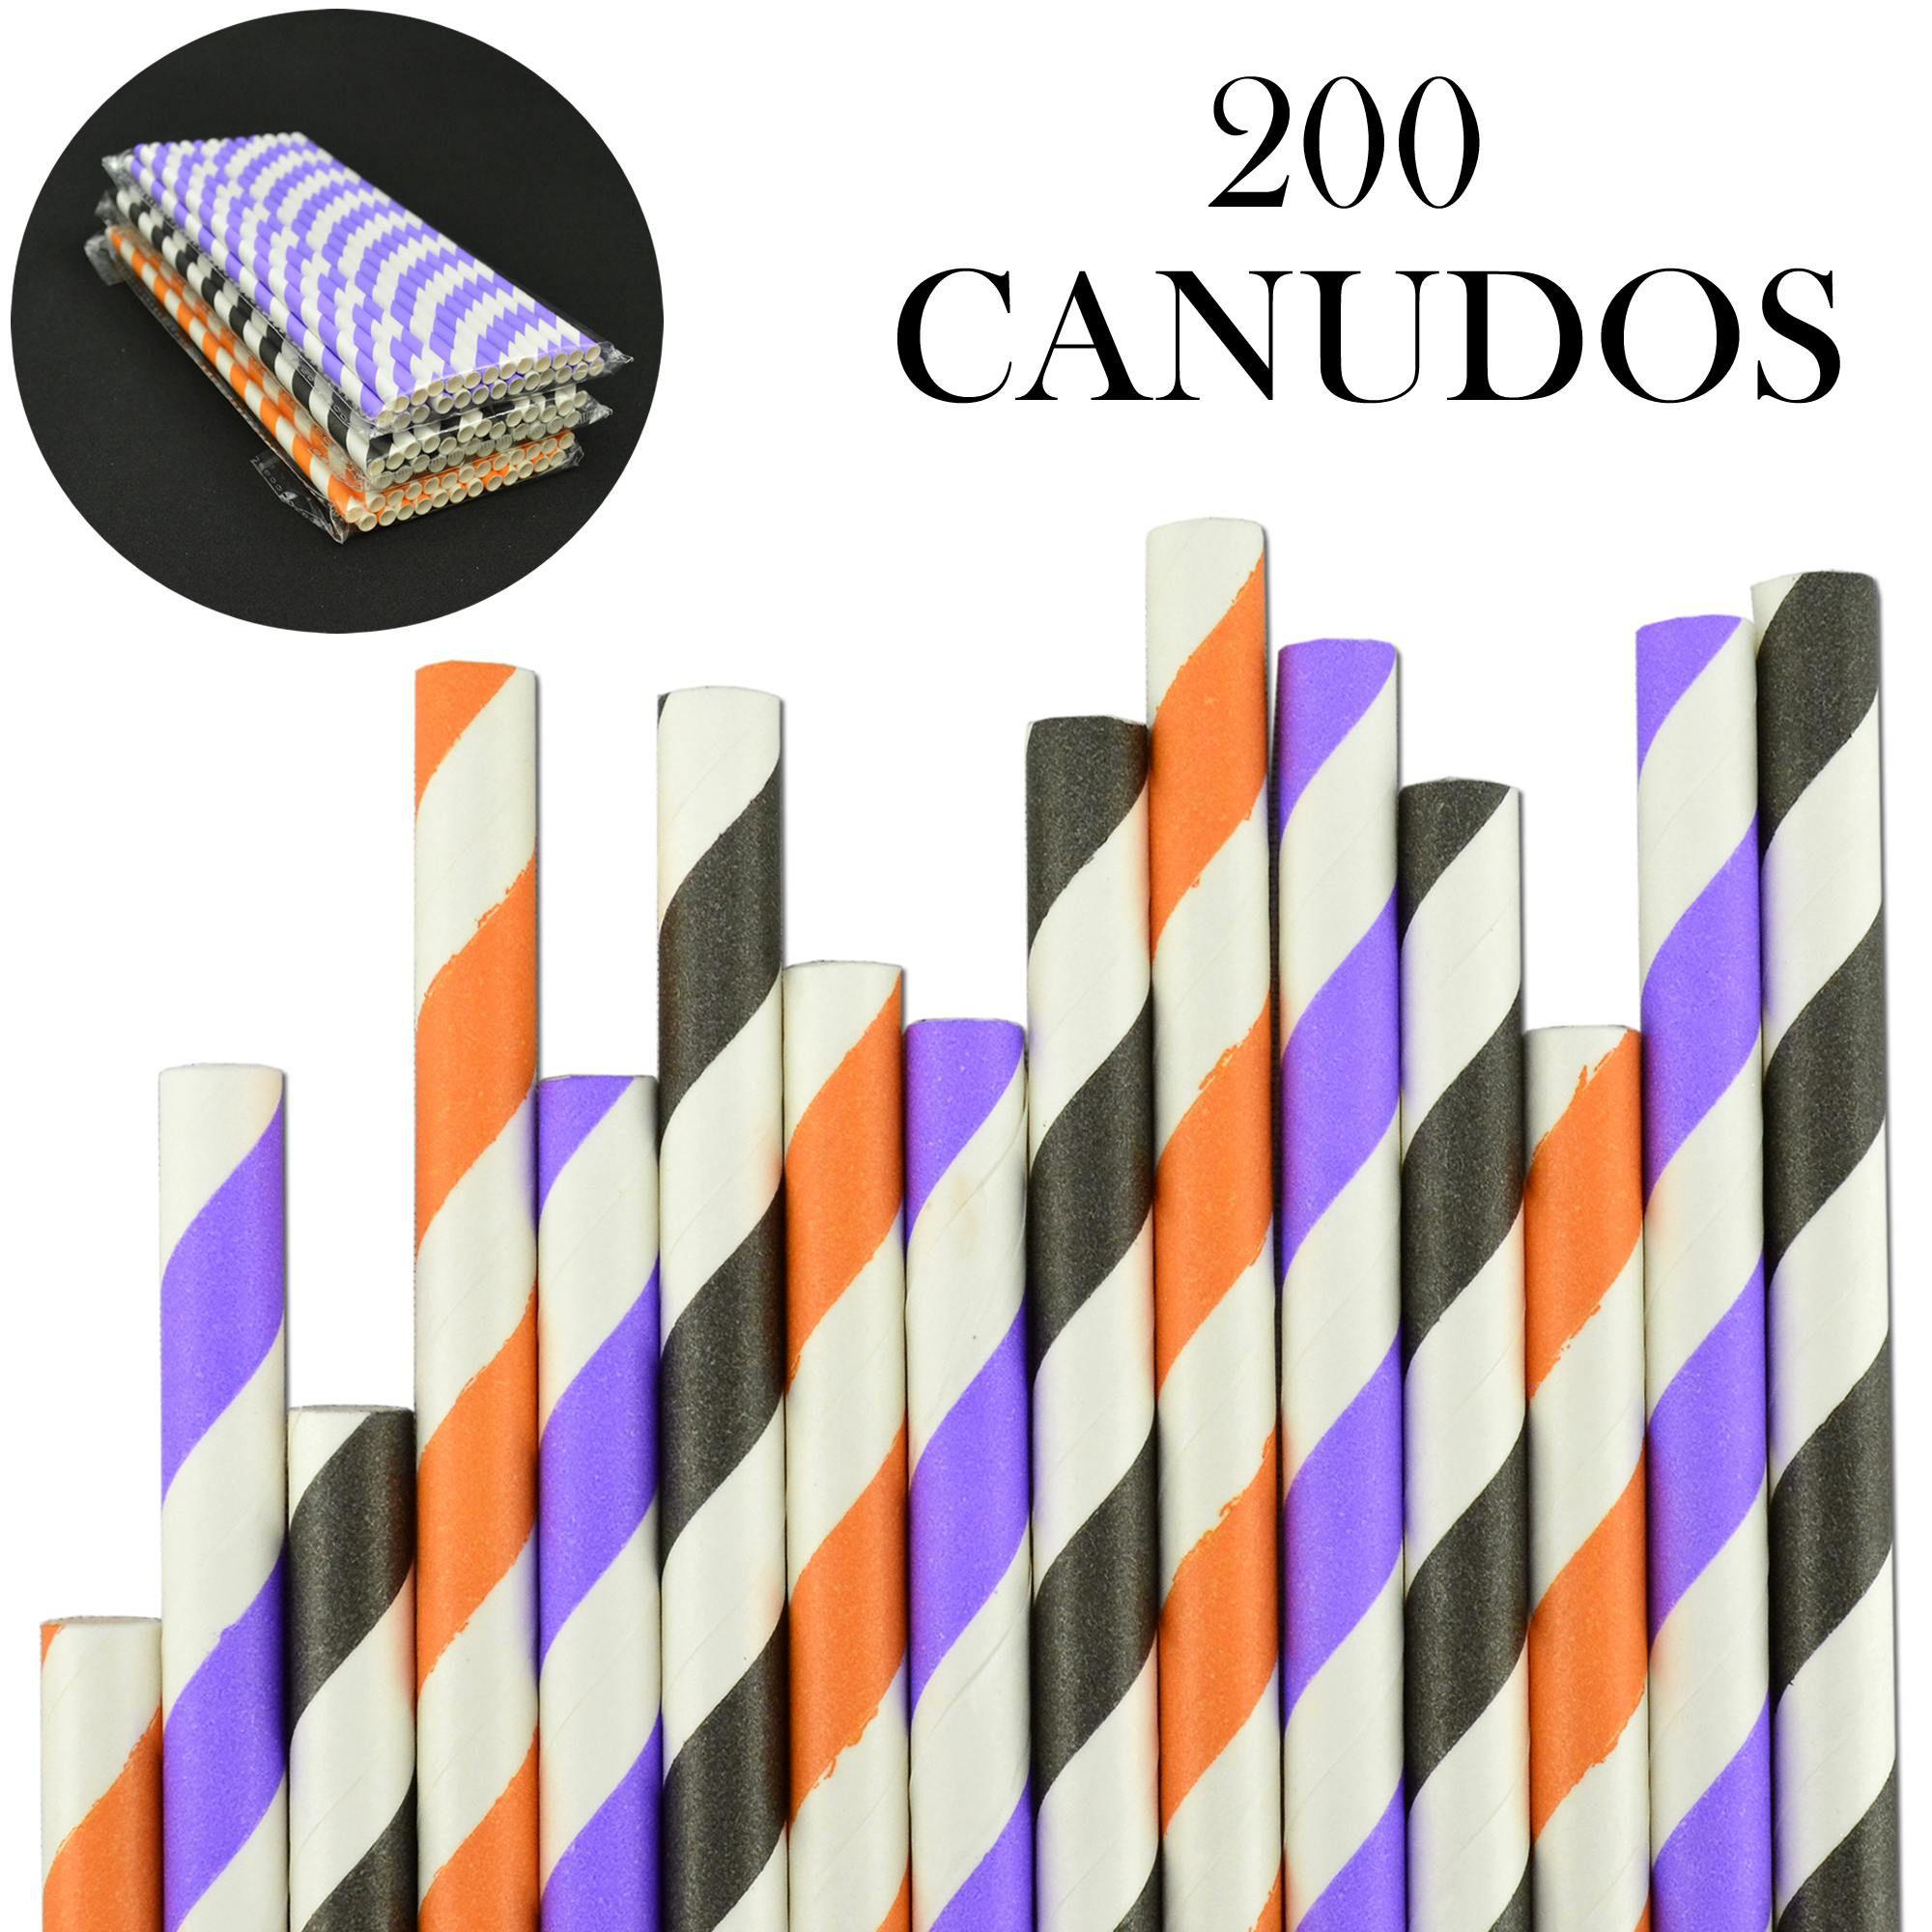 Canudos de Papel Biodegradável Listrados 200 Unidades CBRN10875